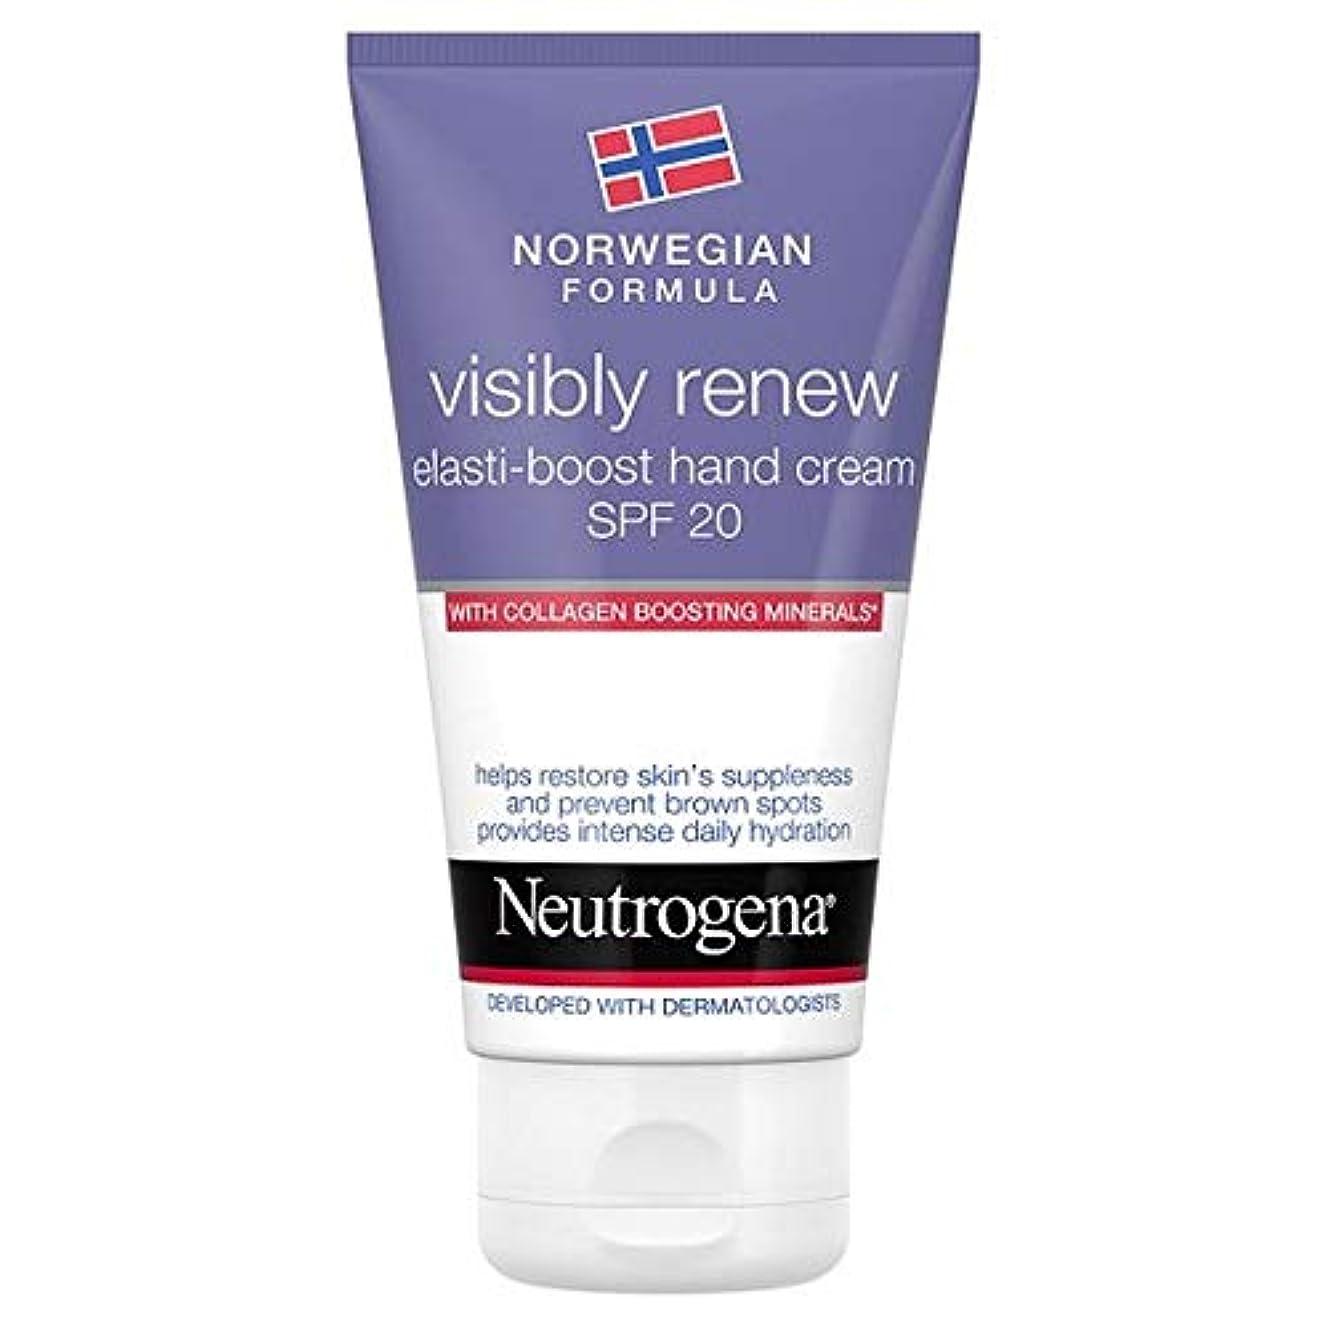 あたたかいチケット恒久的[Neutrogena] ニュートロジーナノルウェー式は目に見えてハンドクリームを75ミリリットルを更新します - Neutrogena Norwegian Formula Visibly Renew Hand Cream...